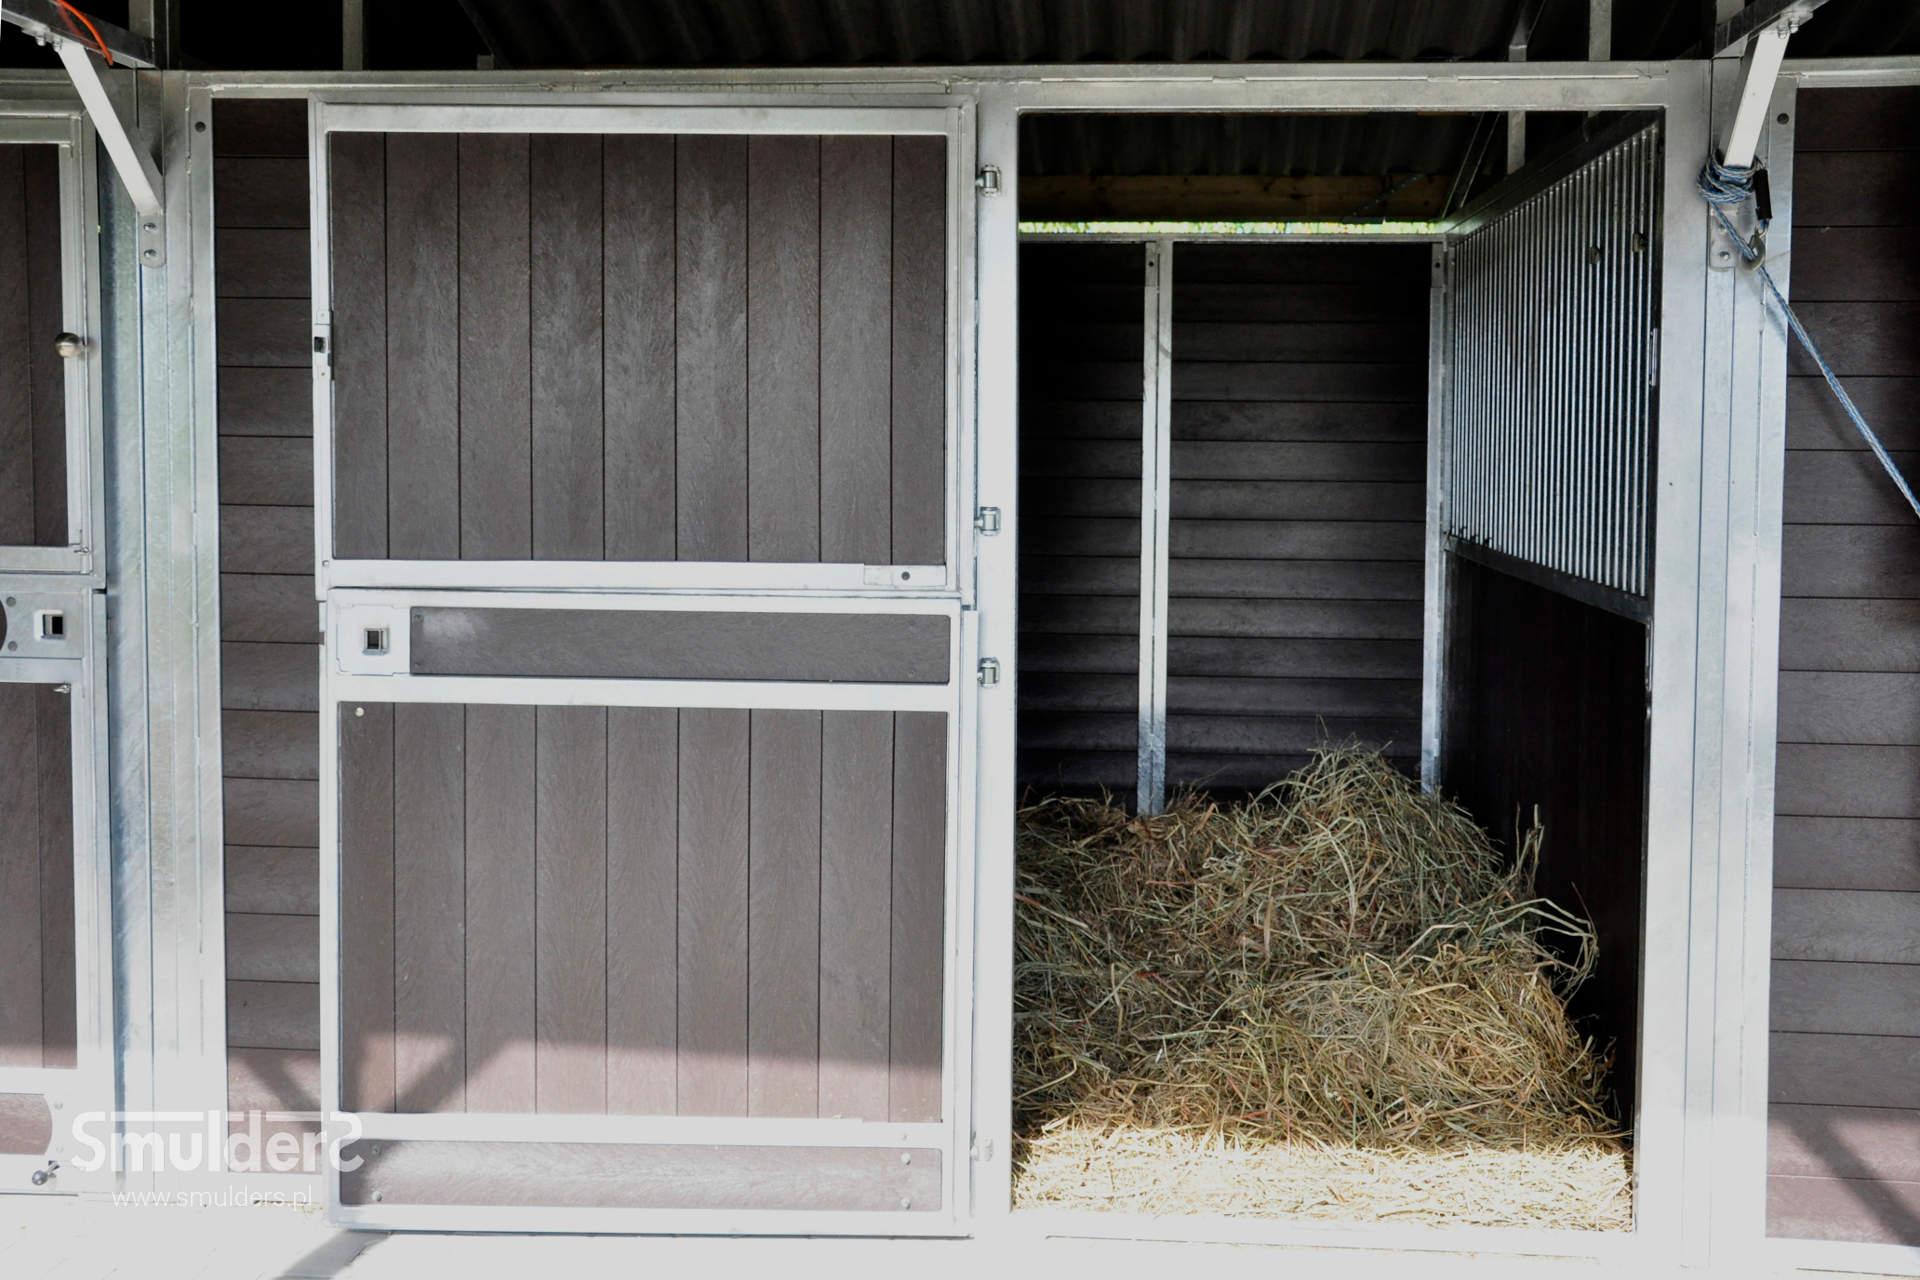 https://www.smulders.pl/wp-content/uploads/2019/07/f011_outdoor-stables_KCN_SMULDERS_PL.jpg